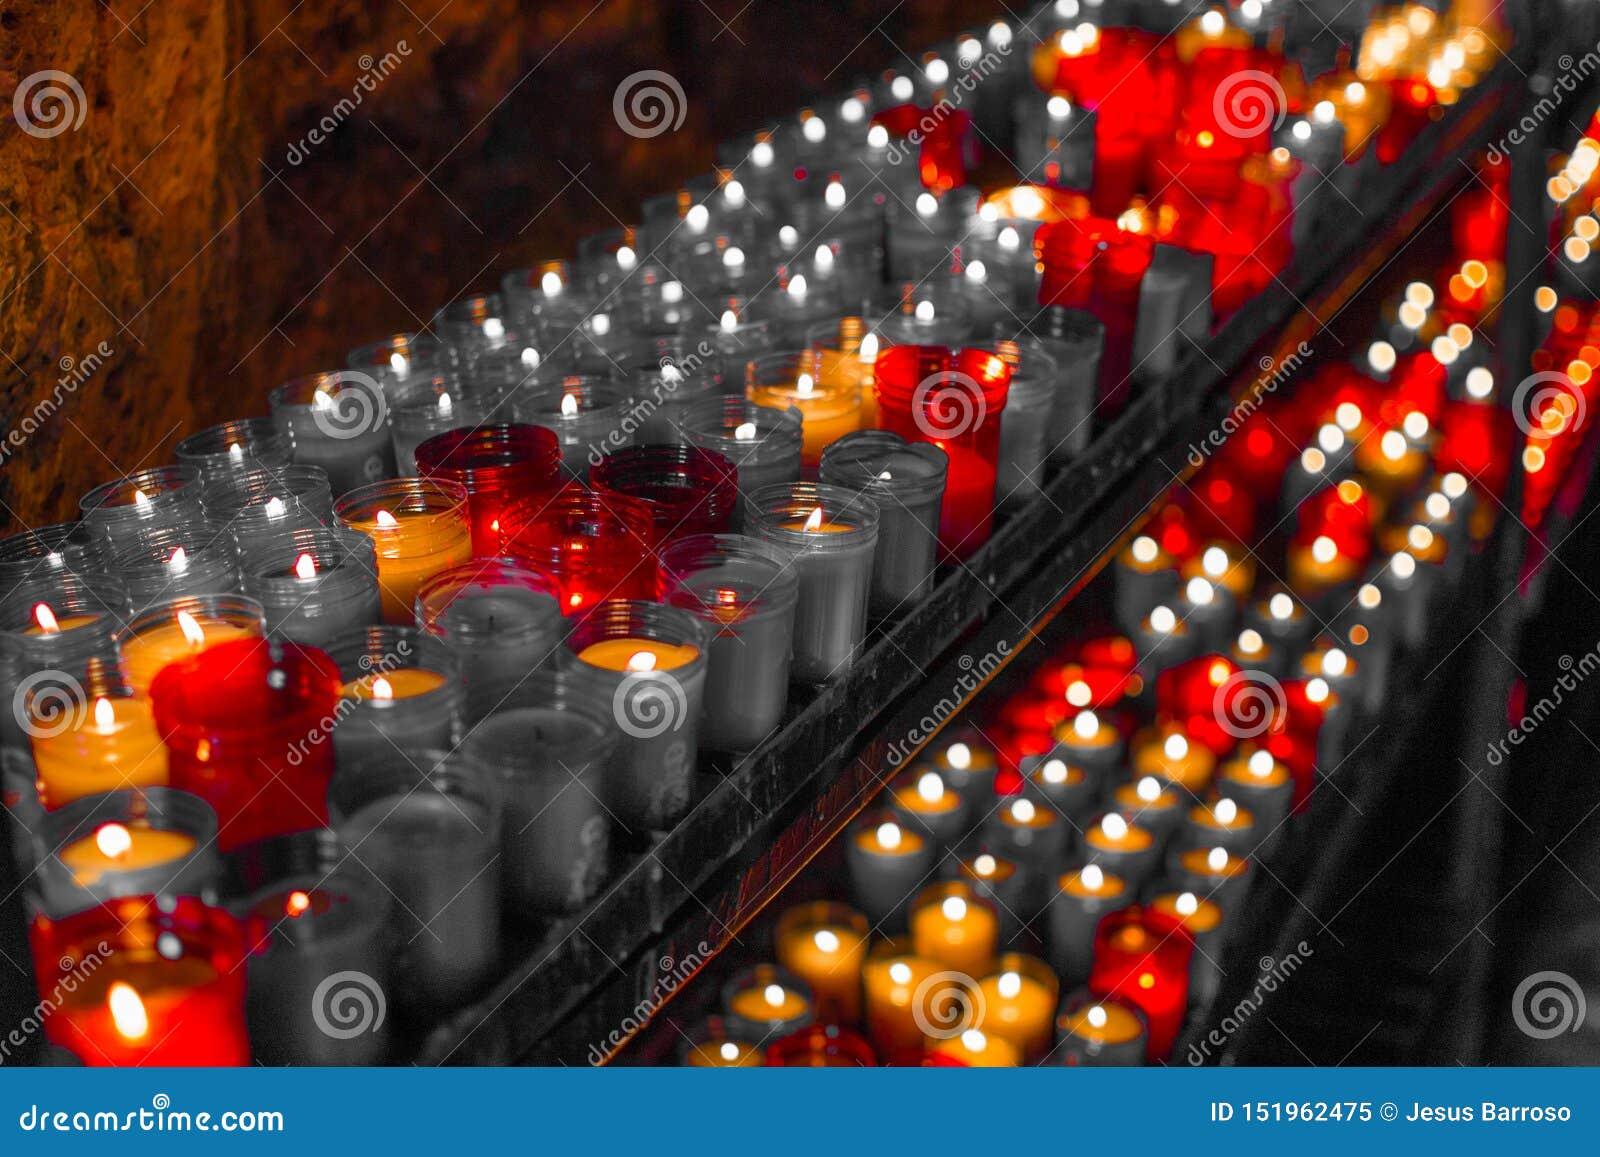 Desaturated красный конец вверх красочных свечей в темной духовной сцене Чествование, похороны, мемориал Религиозный символизм